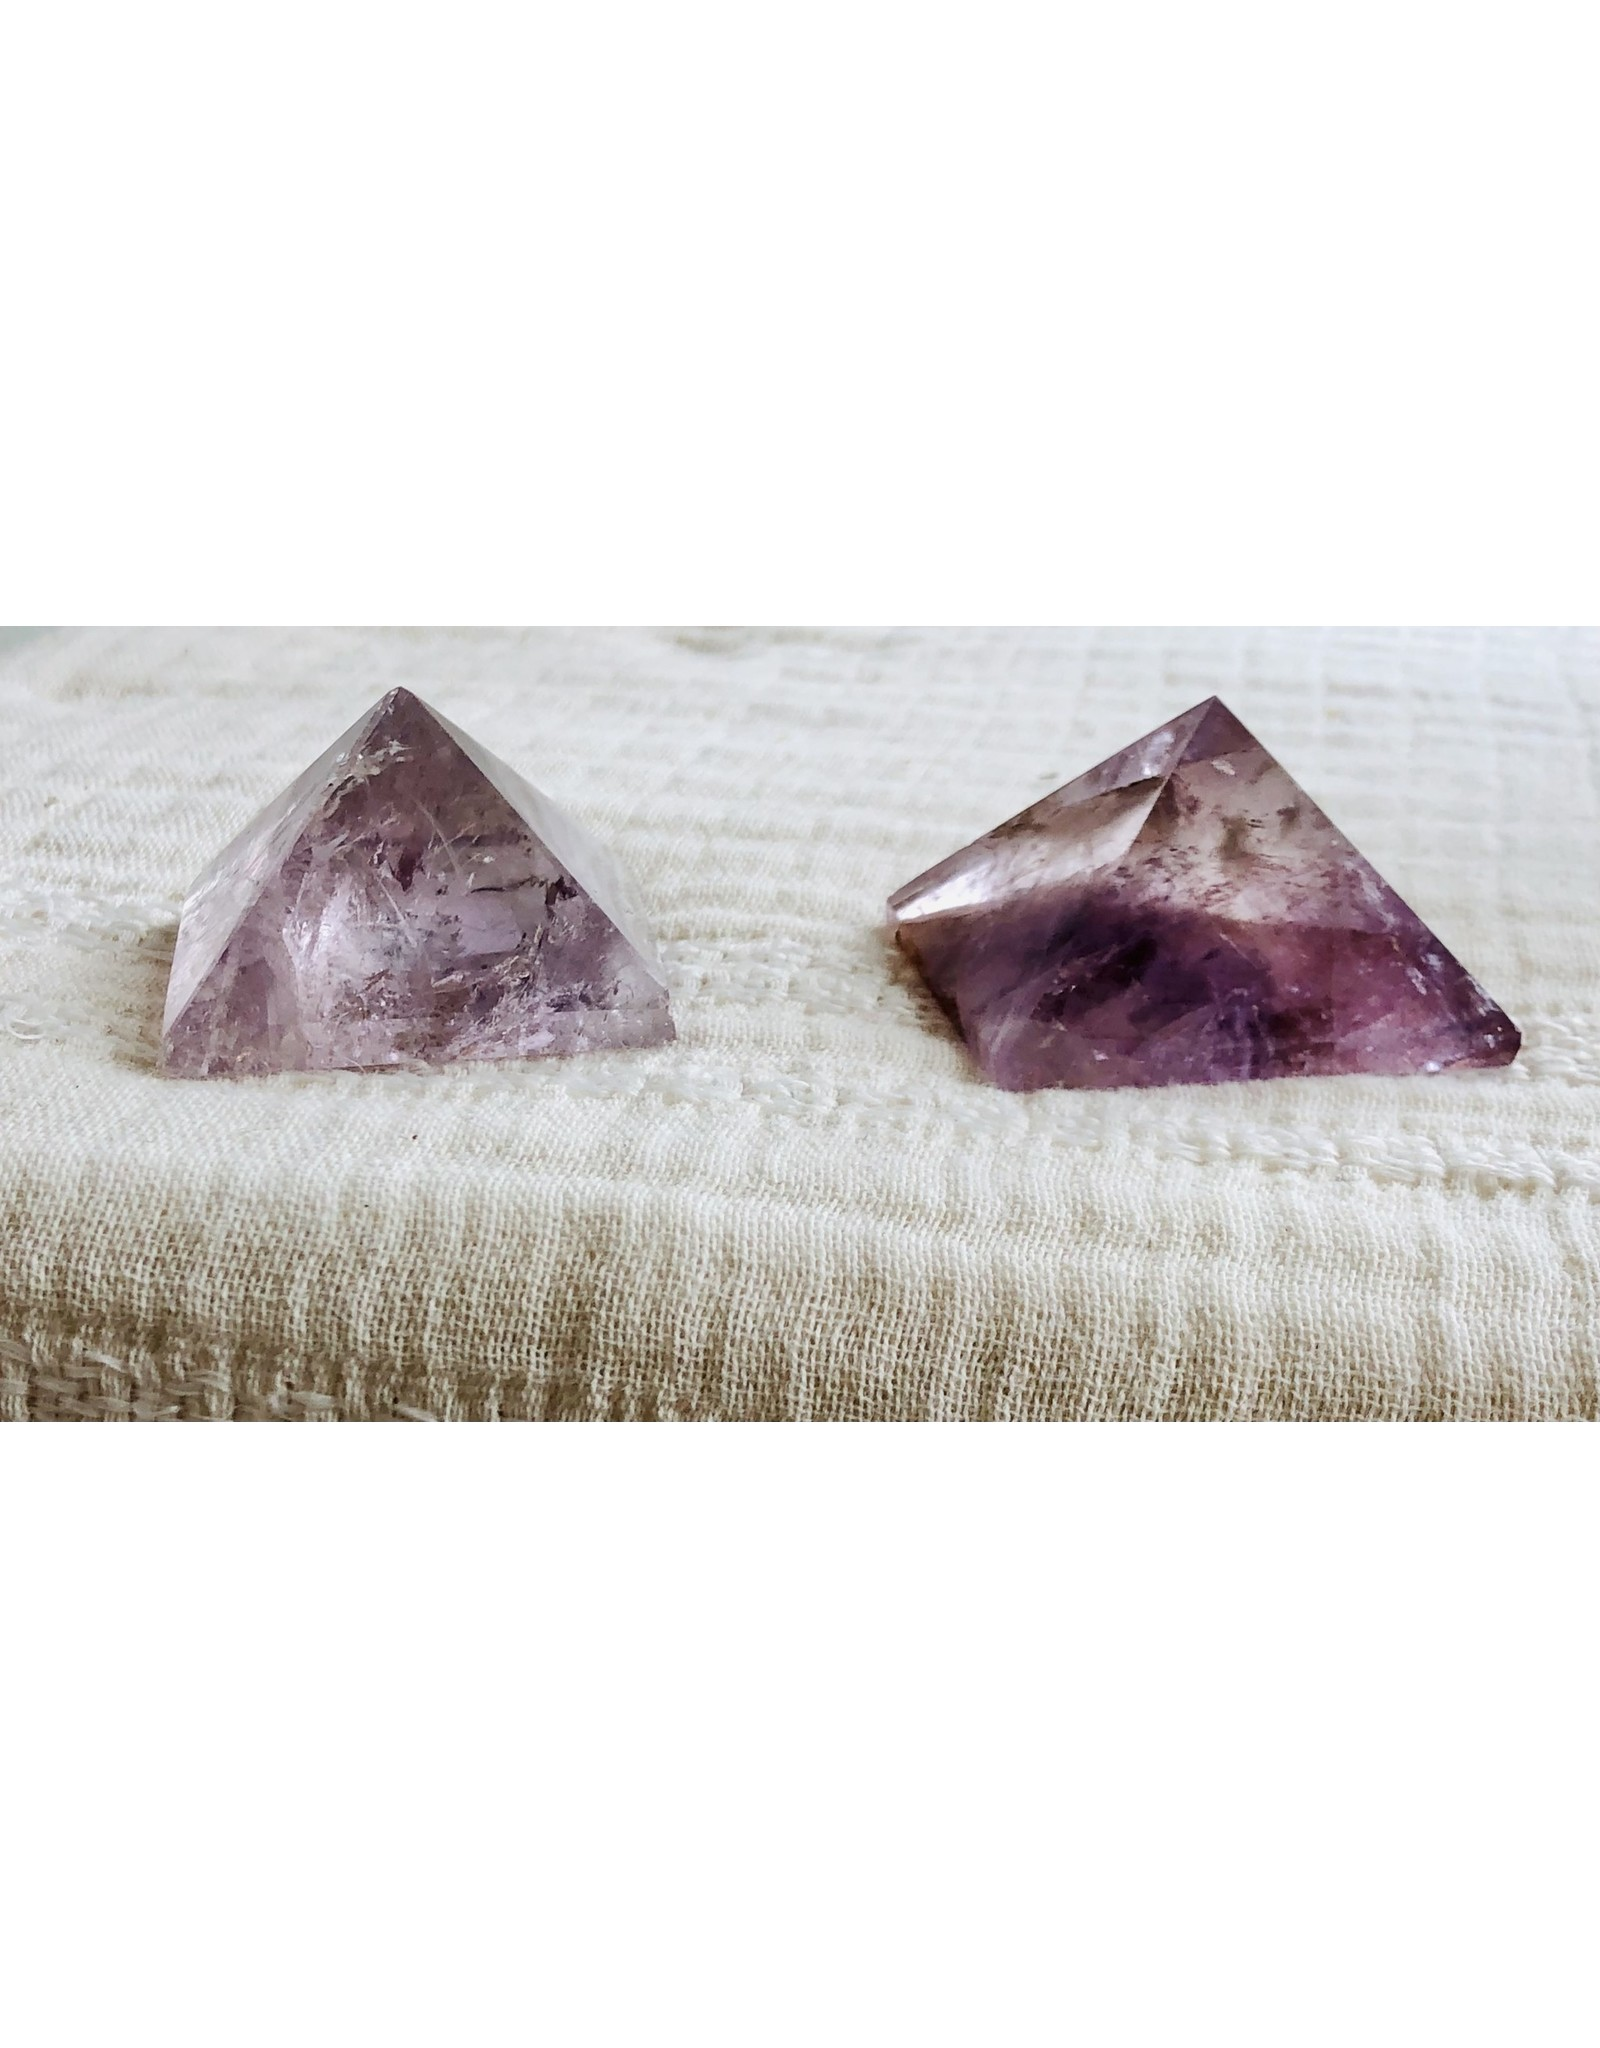 Amethyst Pyramid - Small